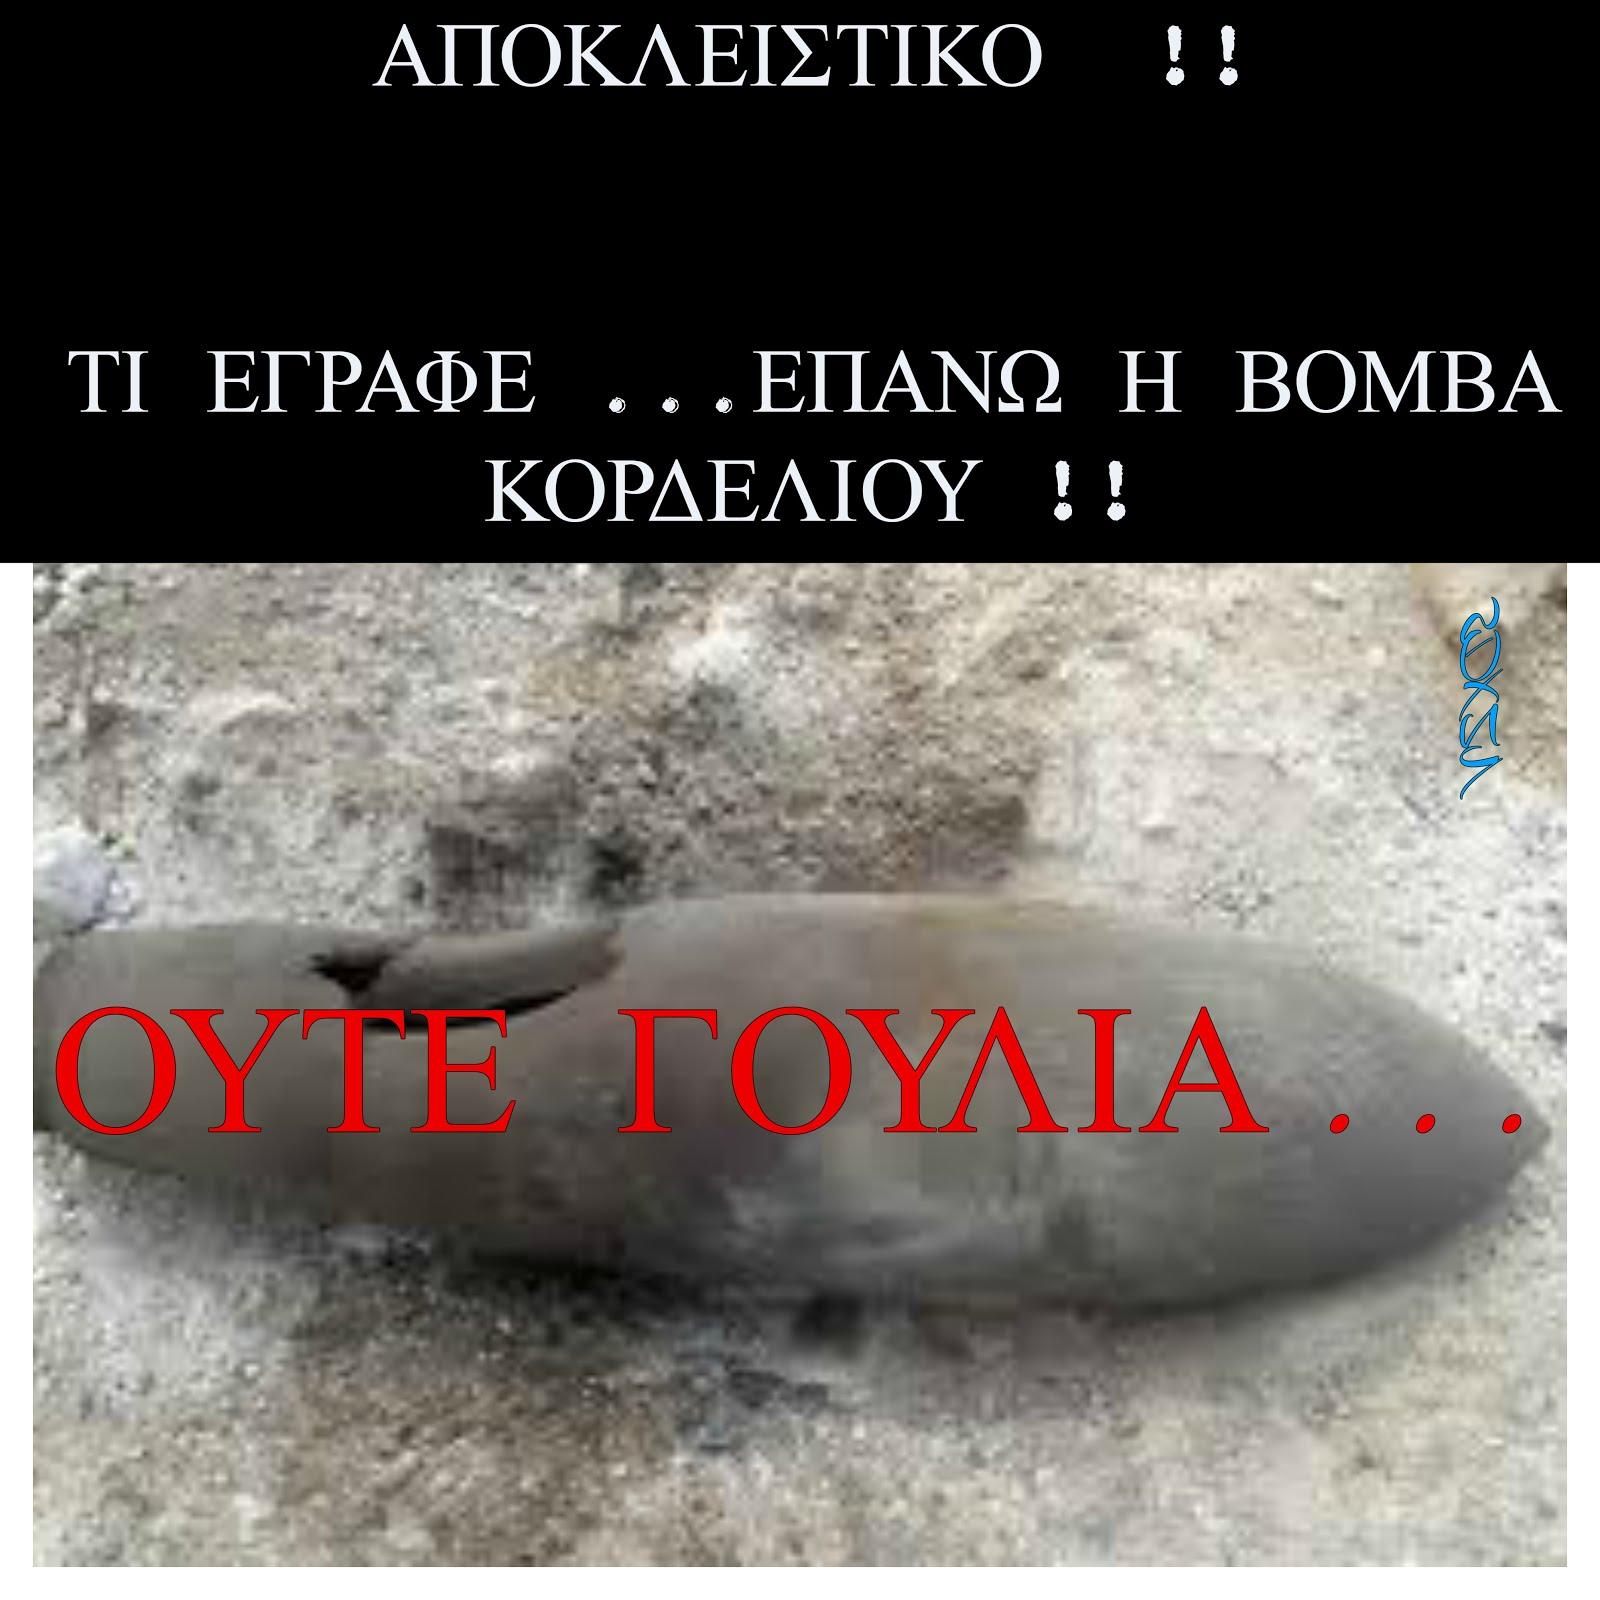 Ούτε γουλιά βόμβα